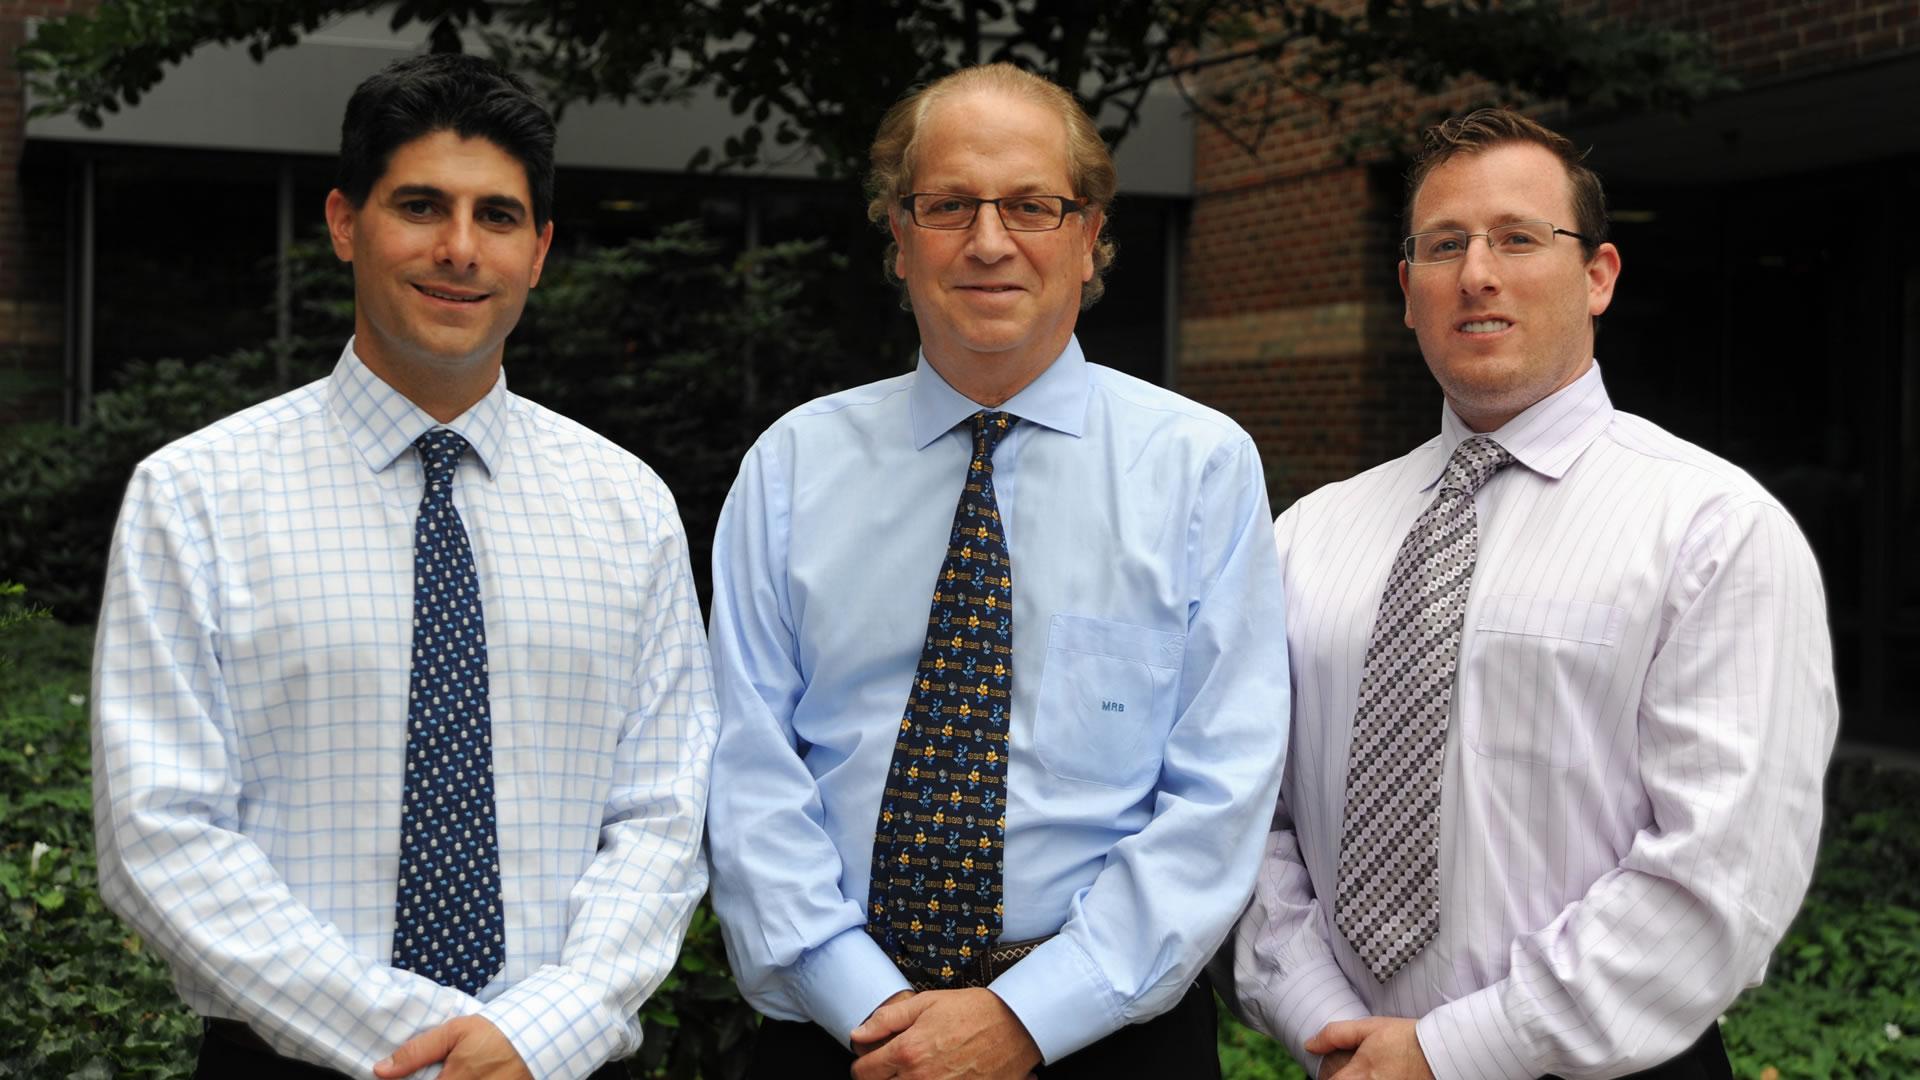 Matthew I. Leibman, M.D. - Mark R. Belsky, M.D. - David E. Ruchelsman, M.D., F.A.A.O.S.